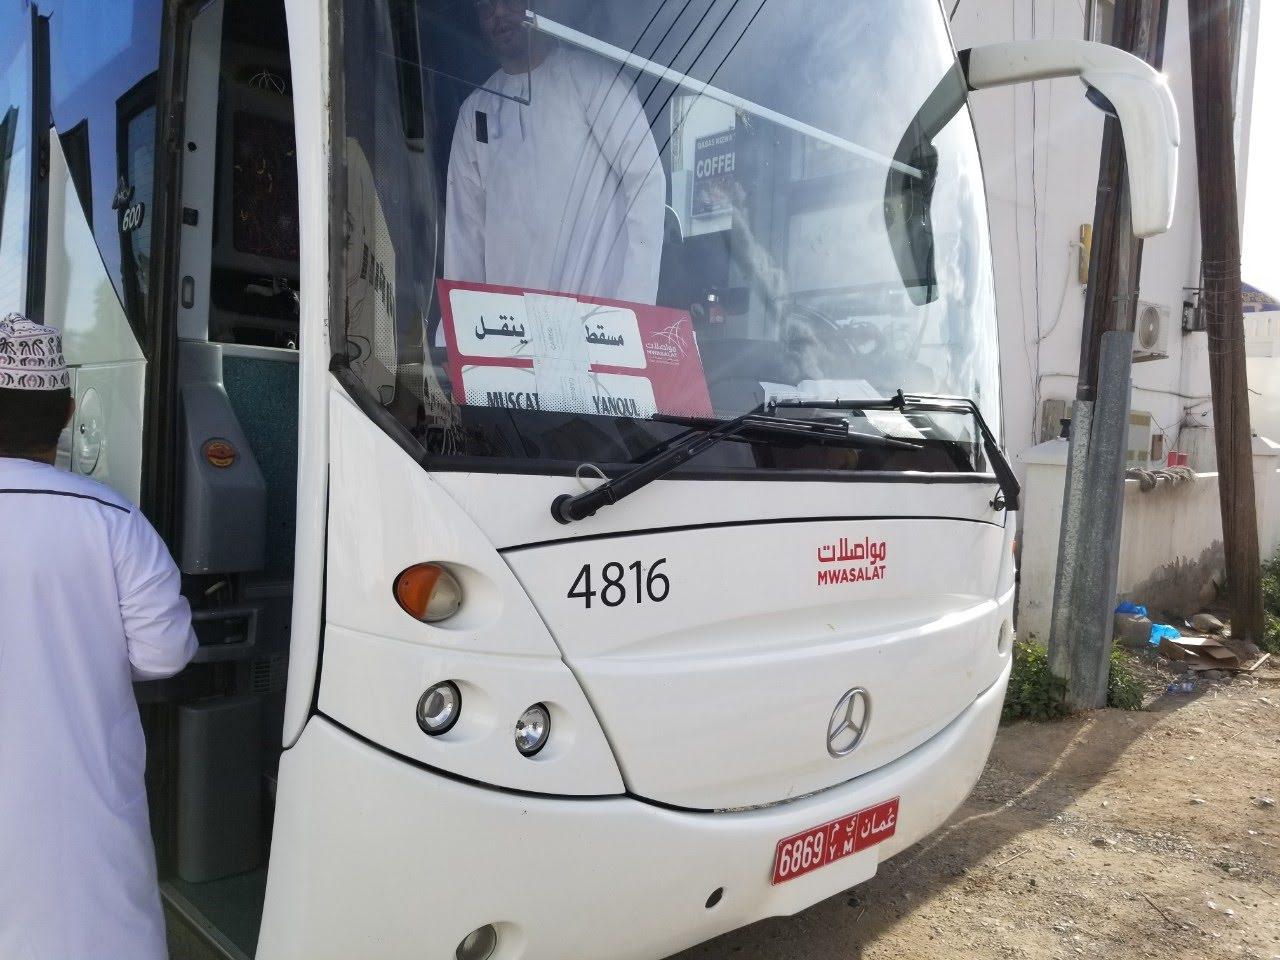 ニズワに行くバス